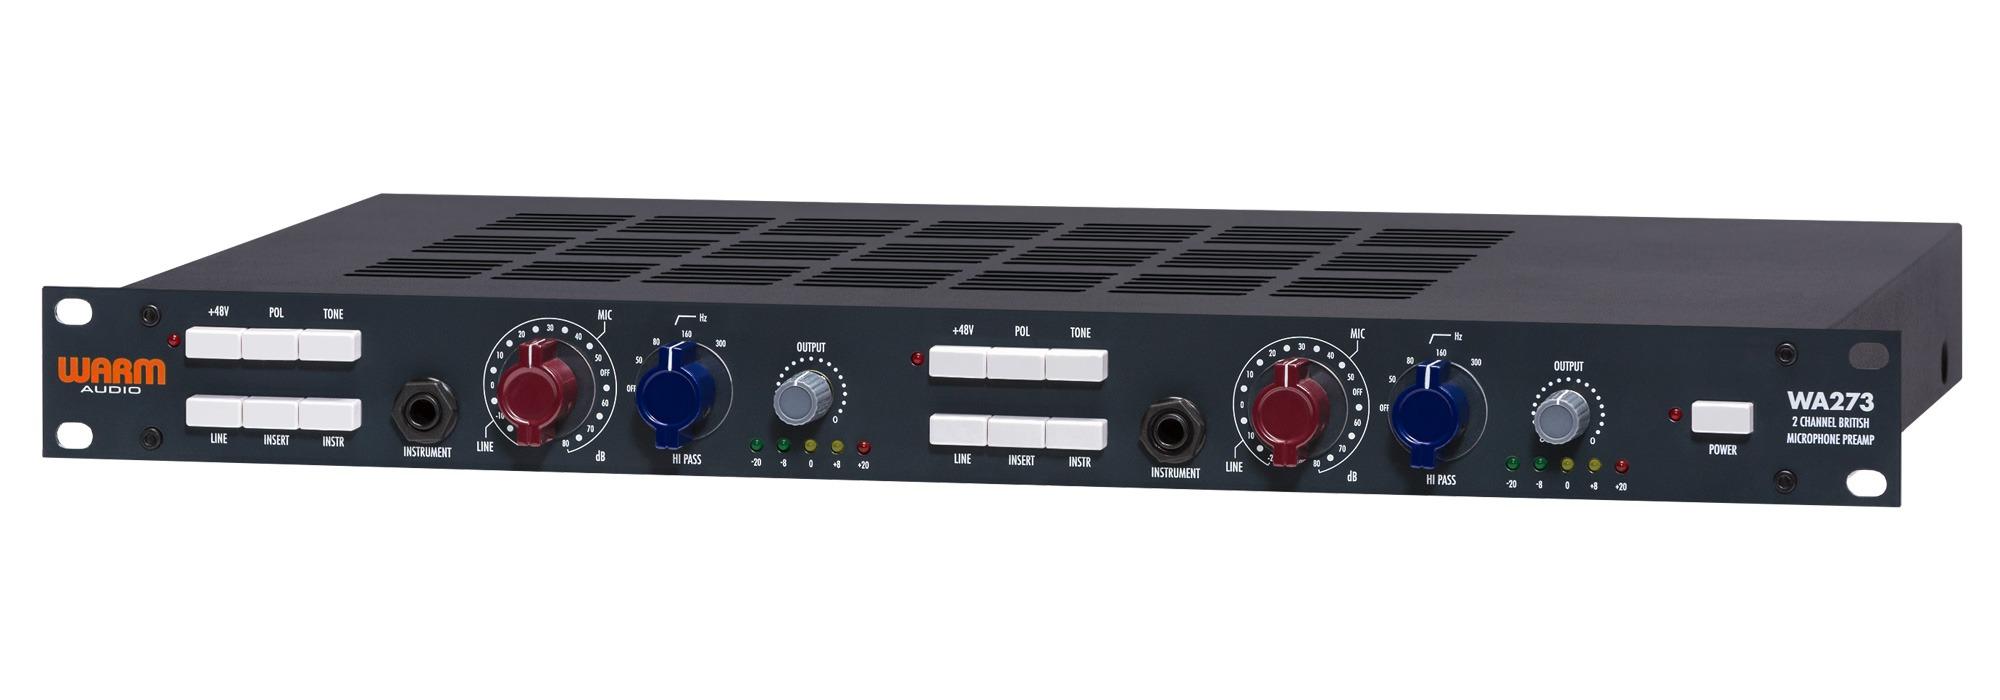 Mic Pre WA273 | Warm Audio